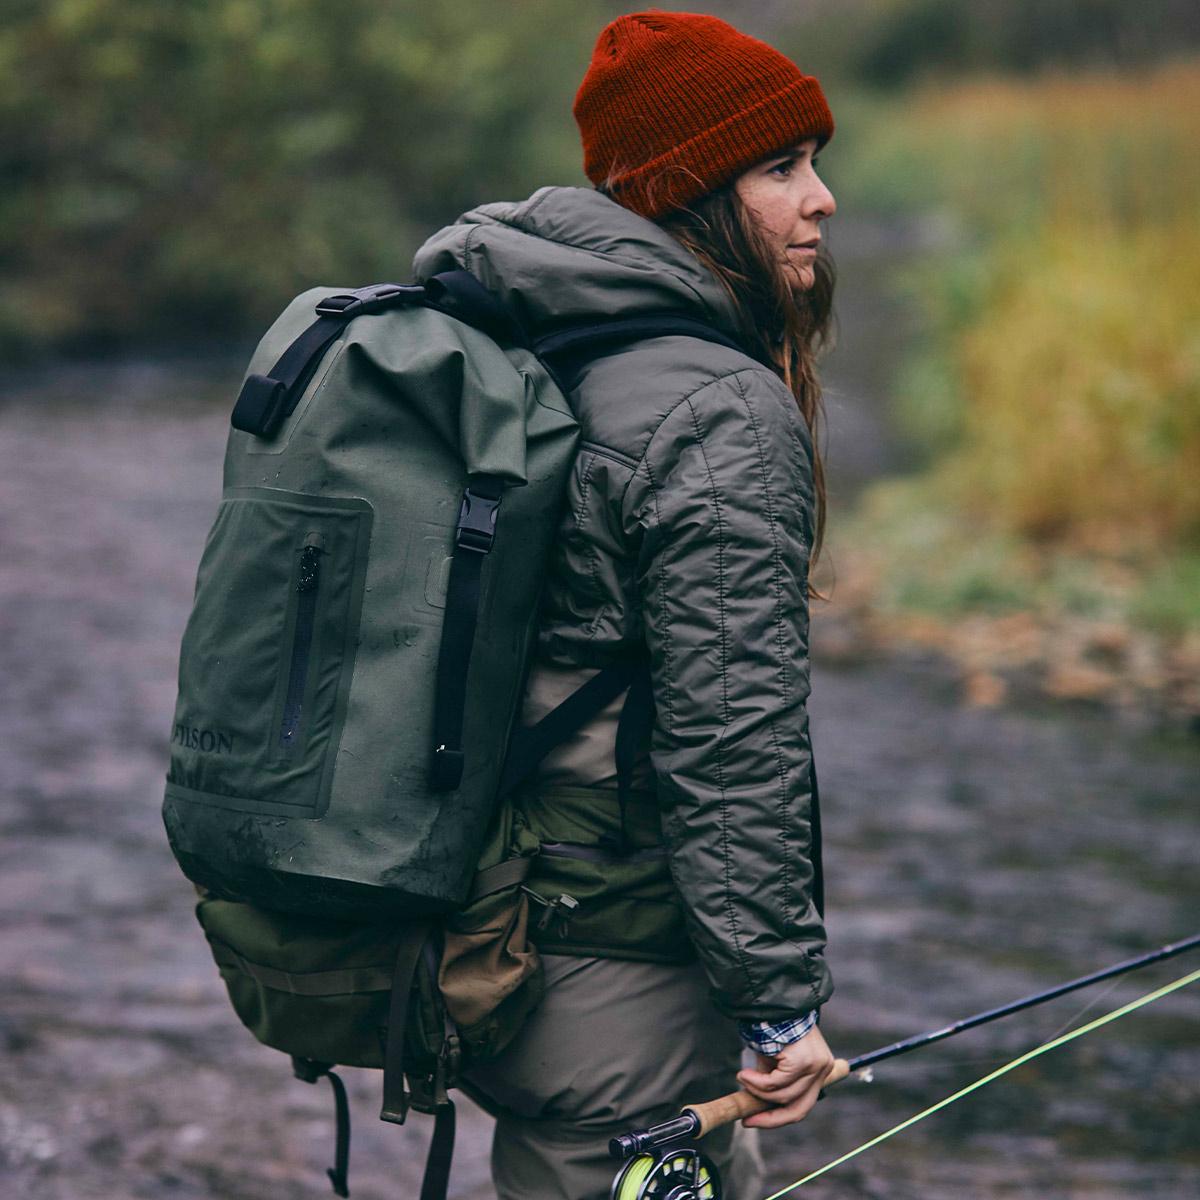 Filson Dry Backpack, garantiert wasserdicht